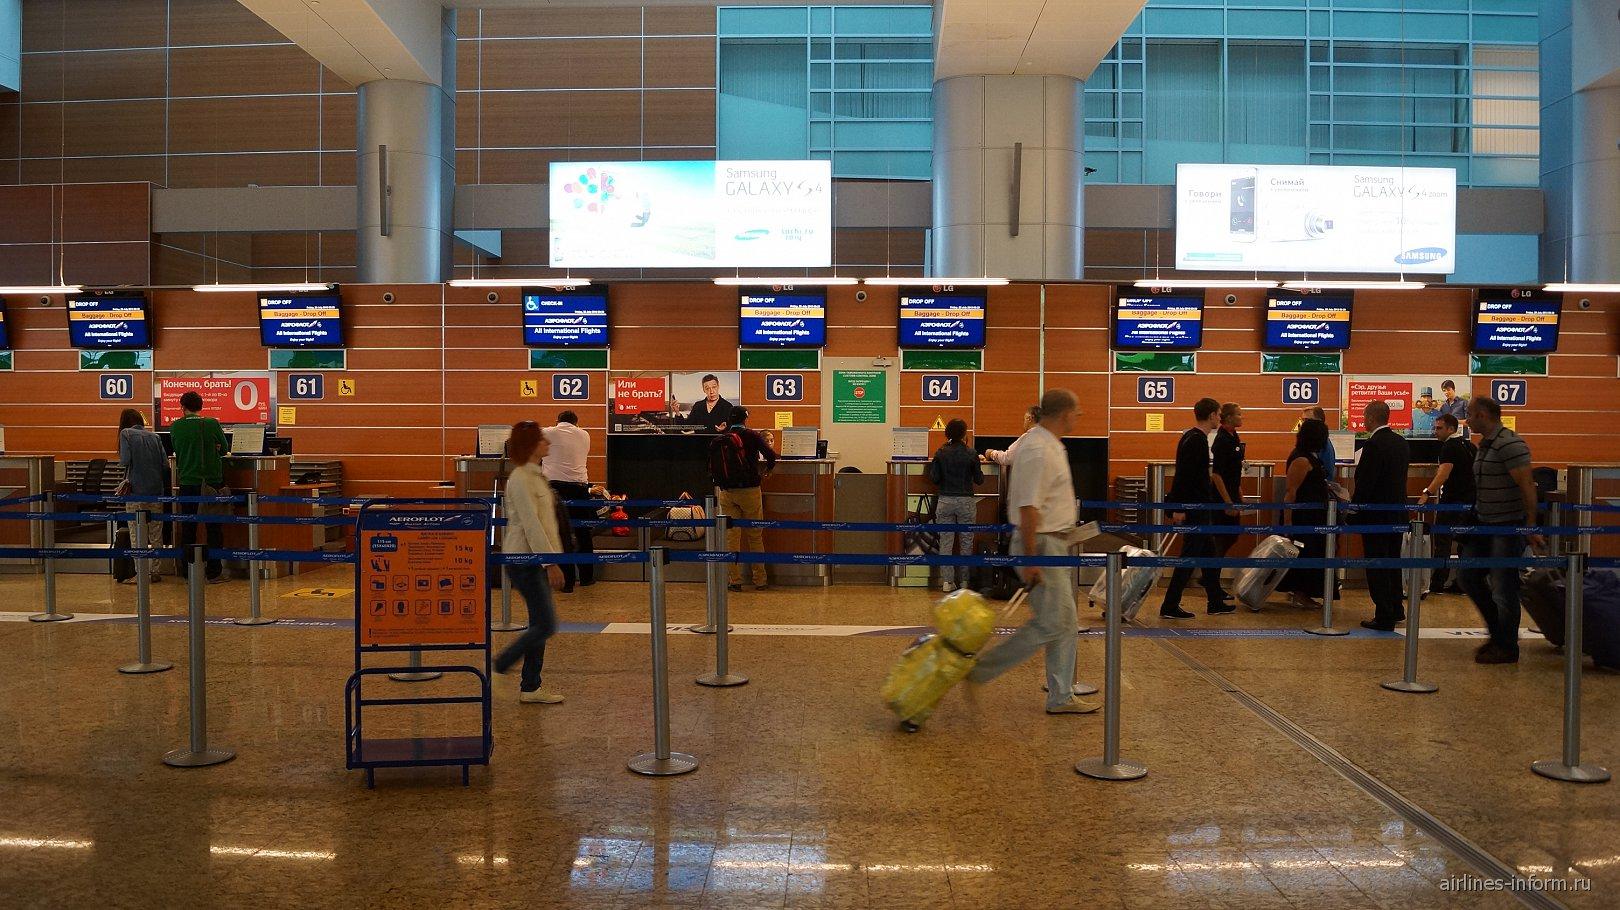 Международный аэропорт Шереметьево вопросы и ответы